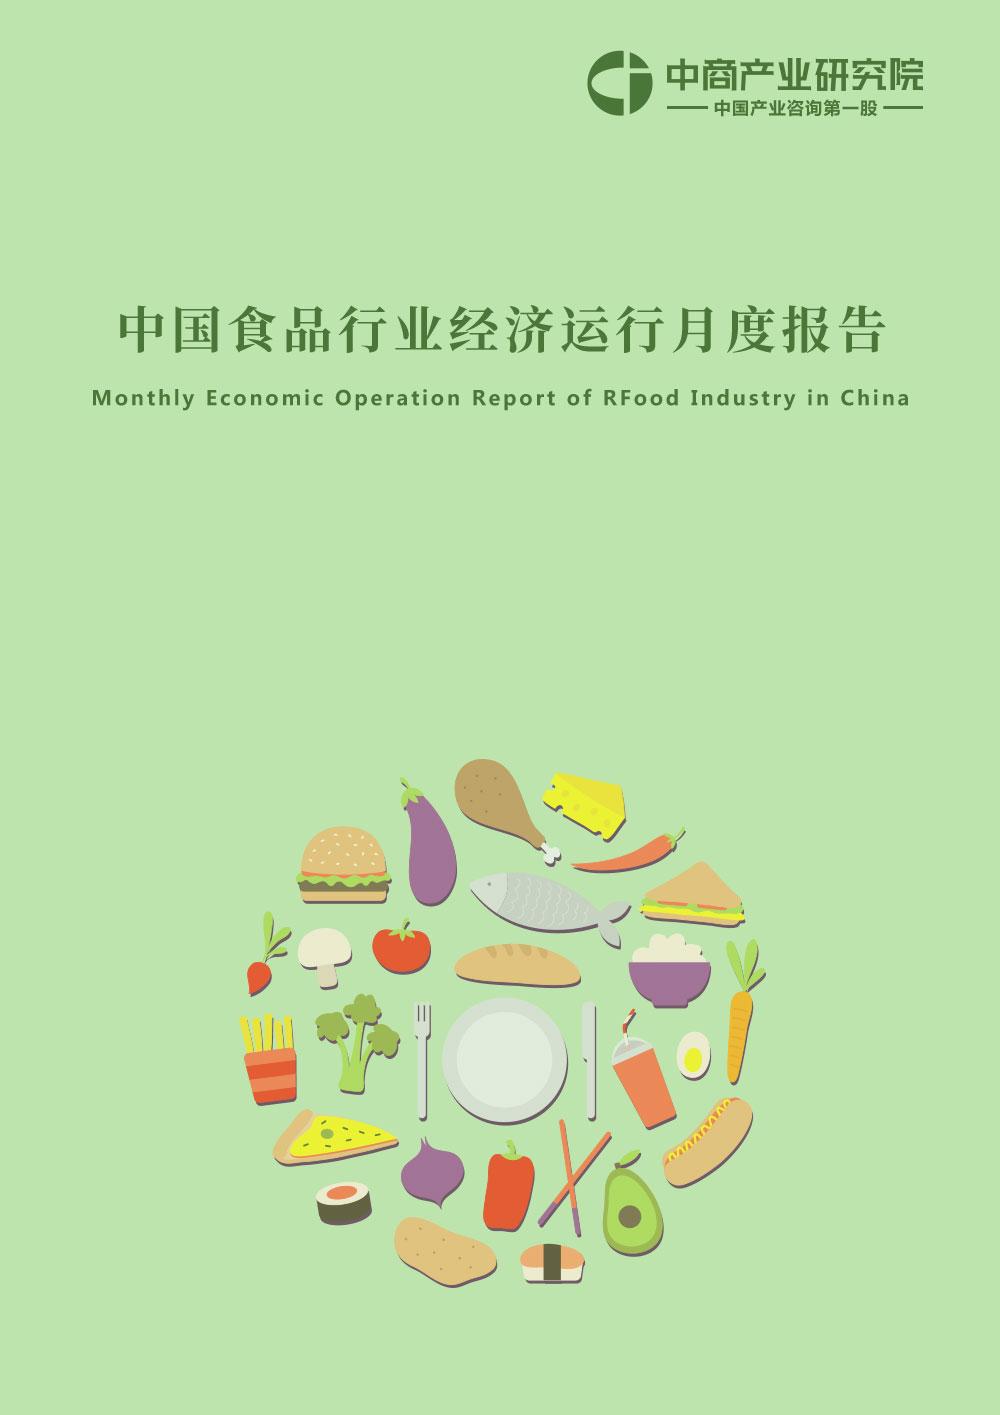 中国食品行业经济运行月度报告(2021年1-7月)